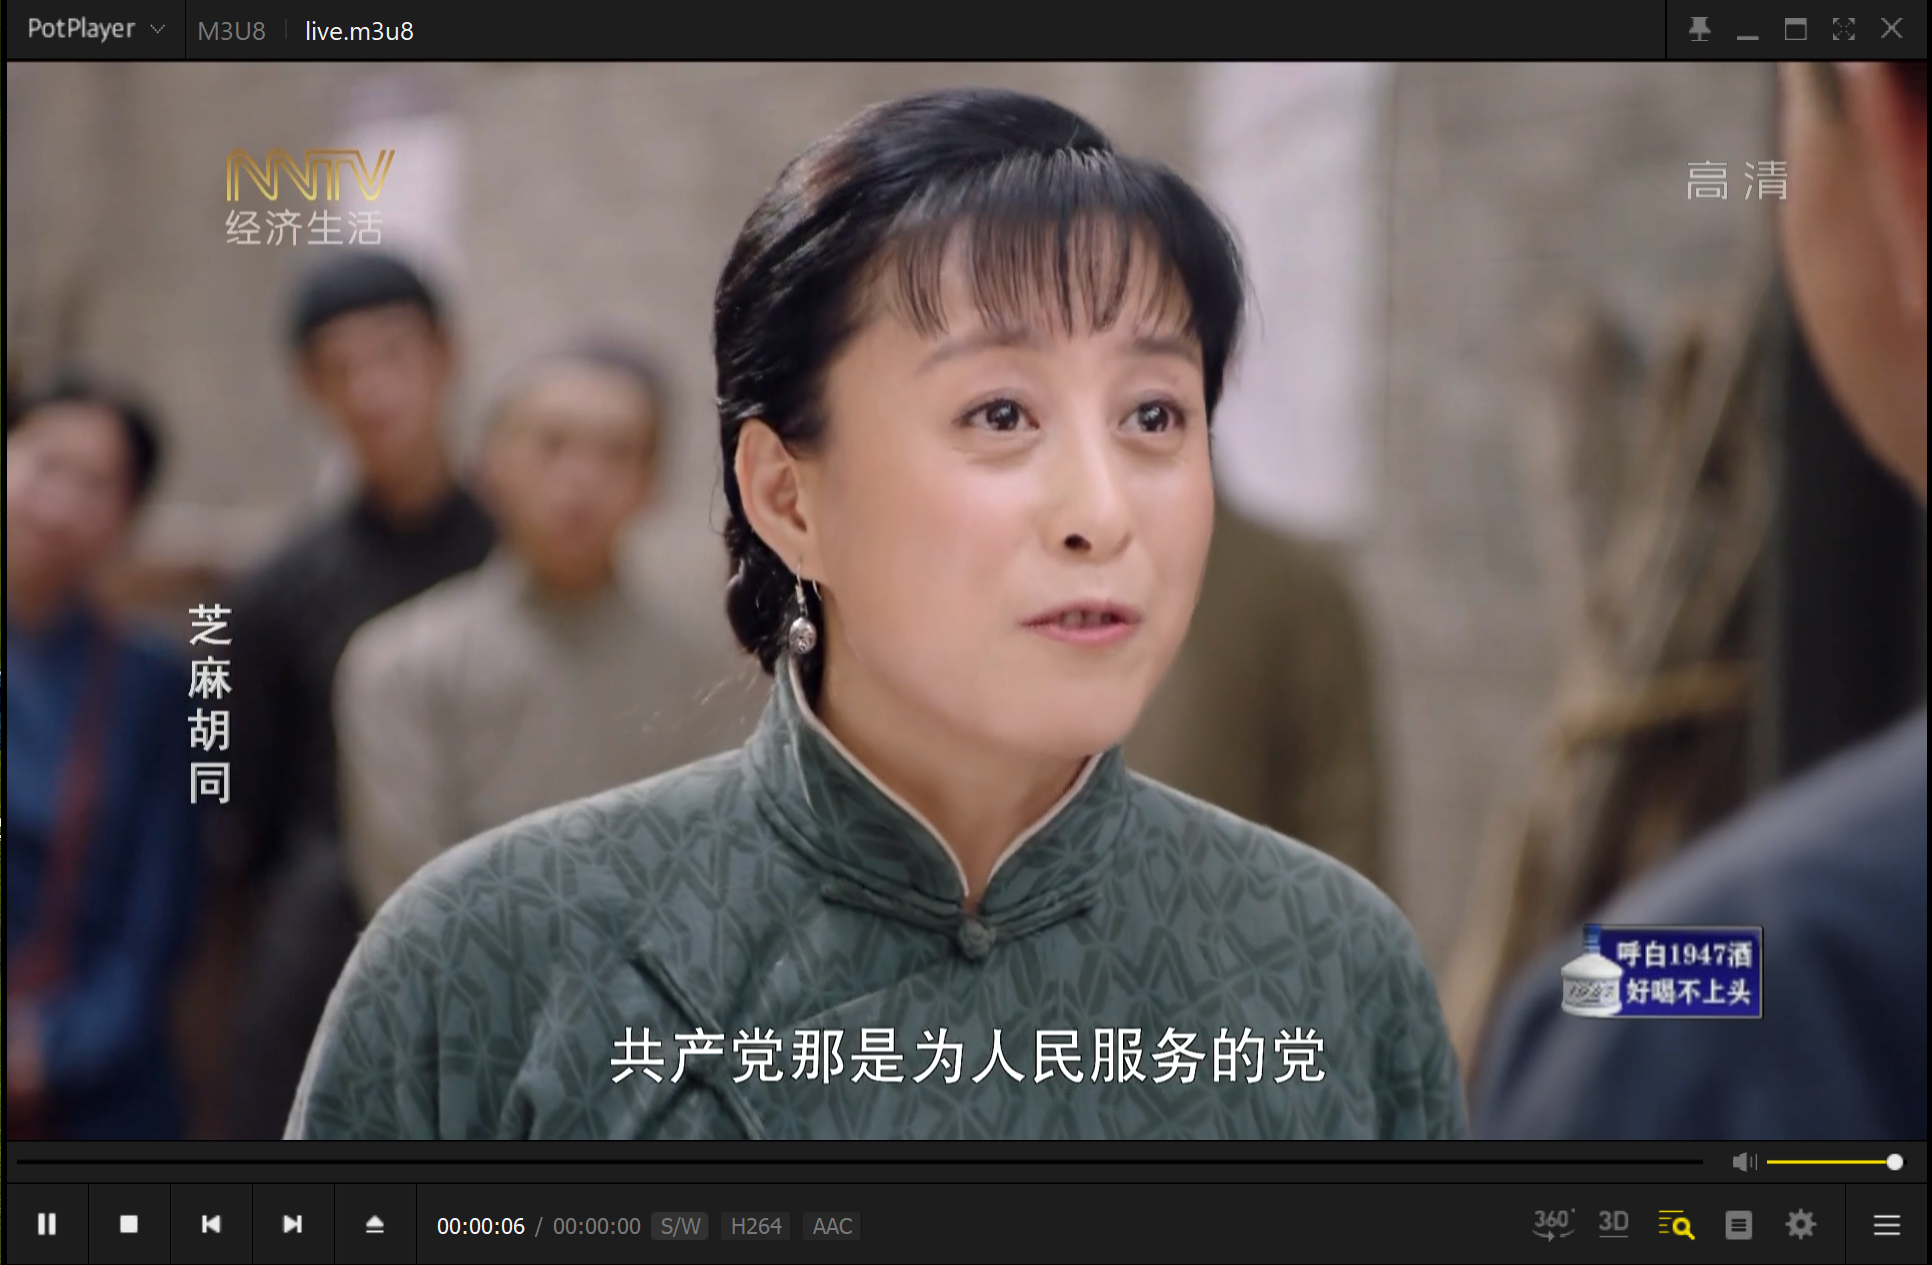 内蒙古电视台全套